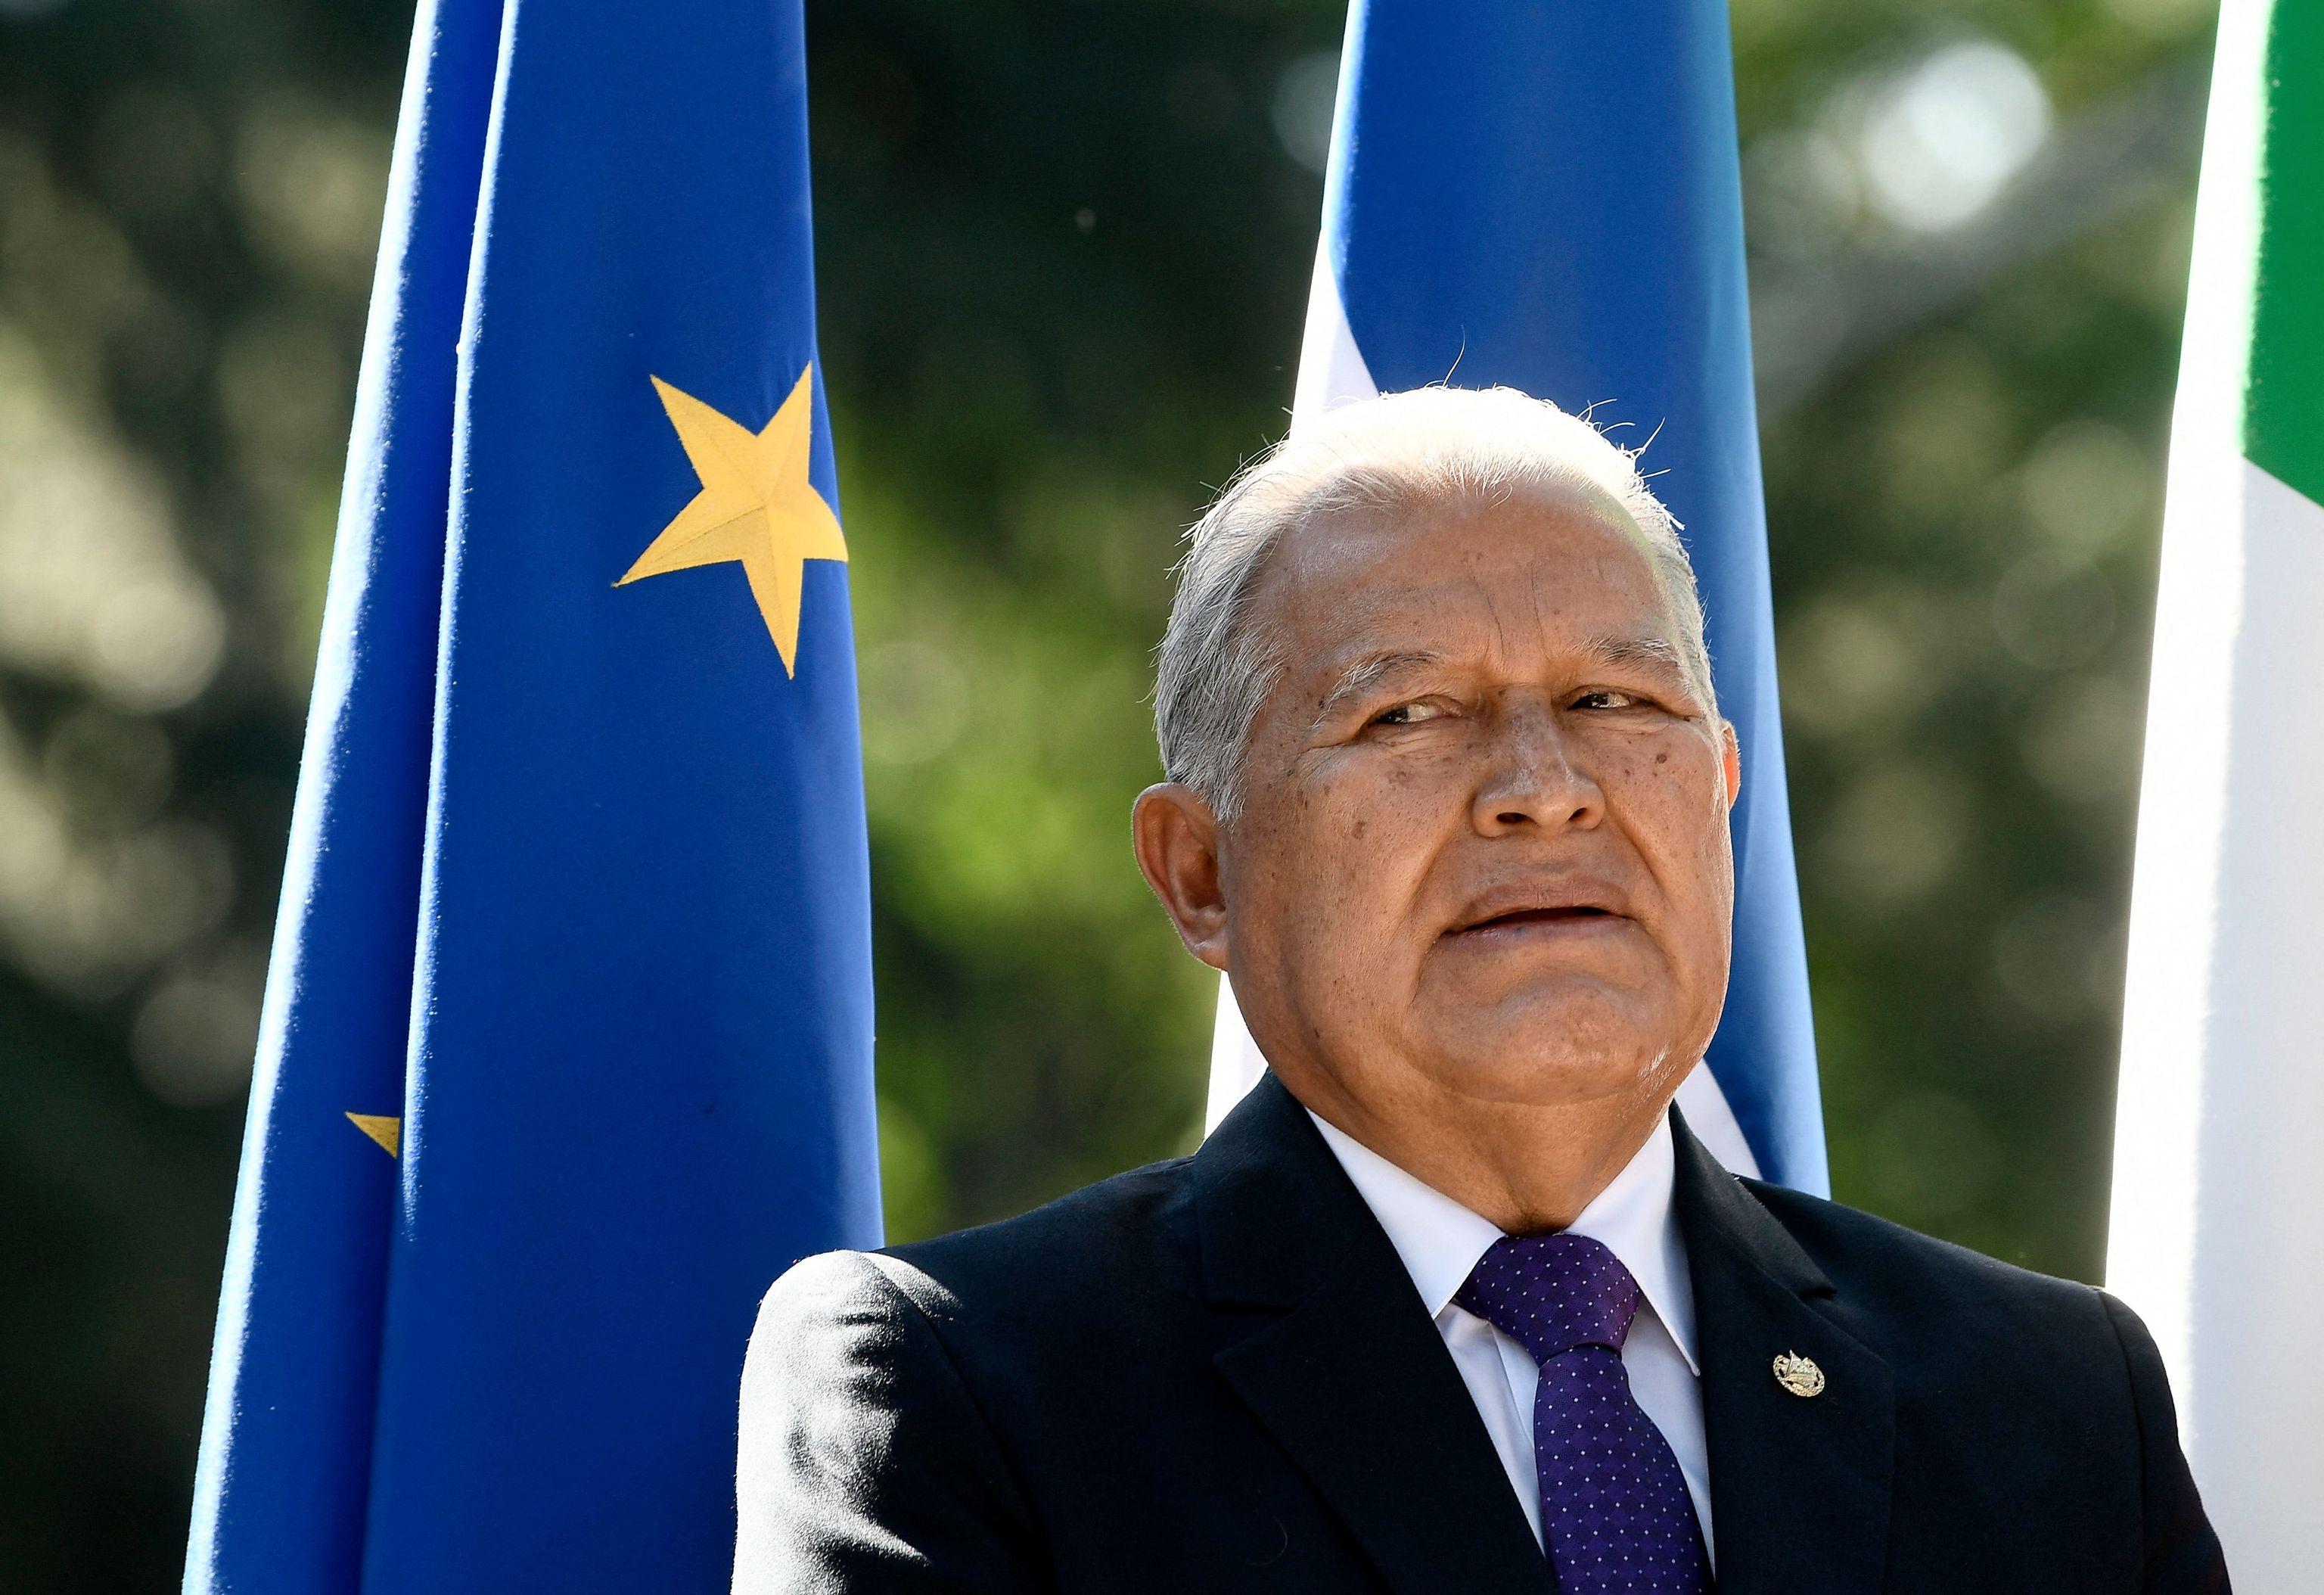 El ex presidente de El Salvador, Salvador Sánchez Cerén, en una imagen de 2018.